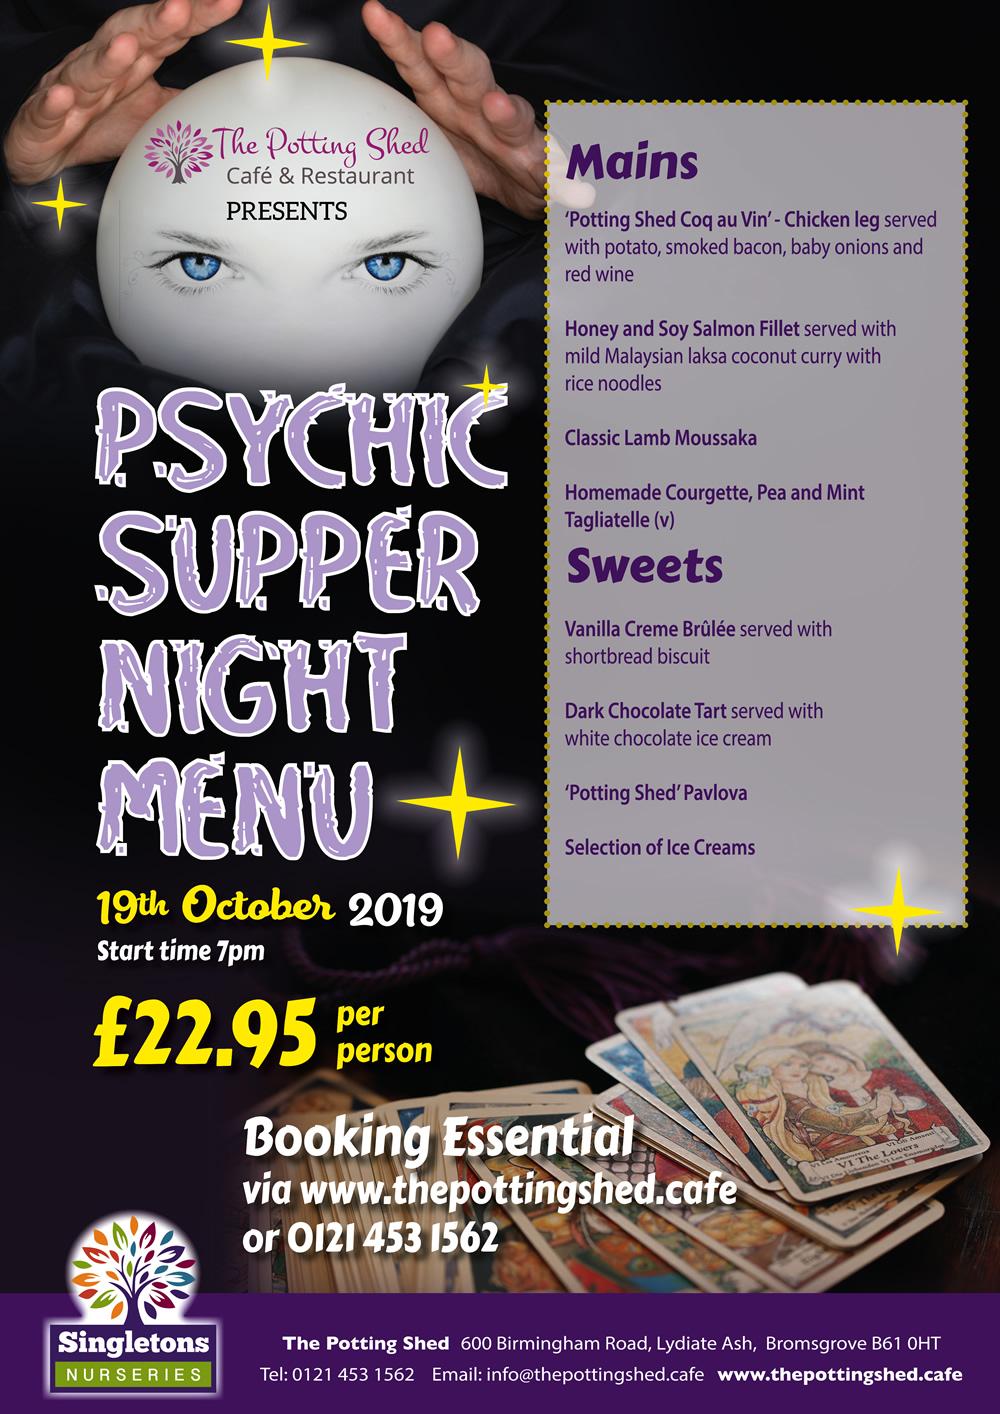 Psychic Supper Night Menu